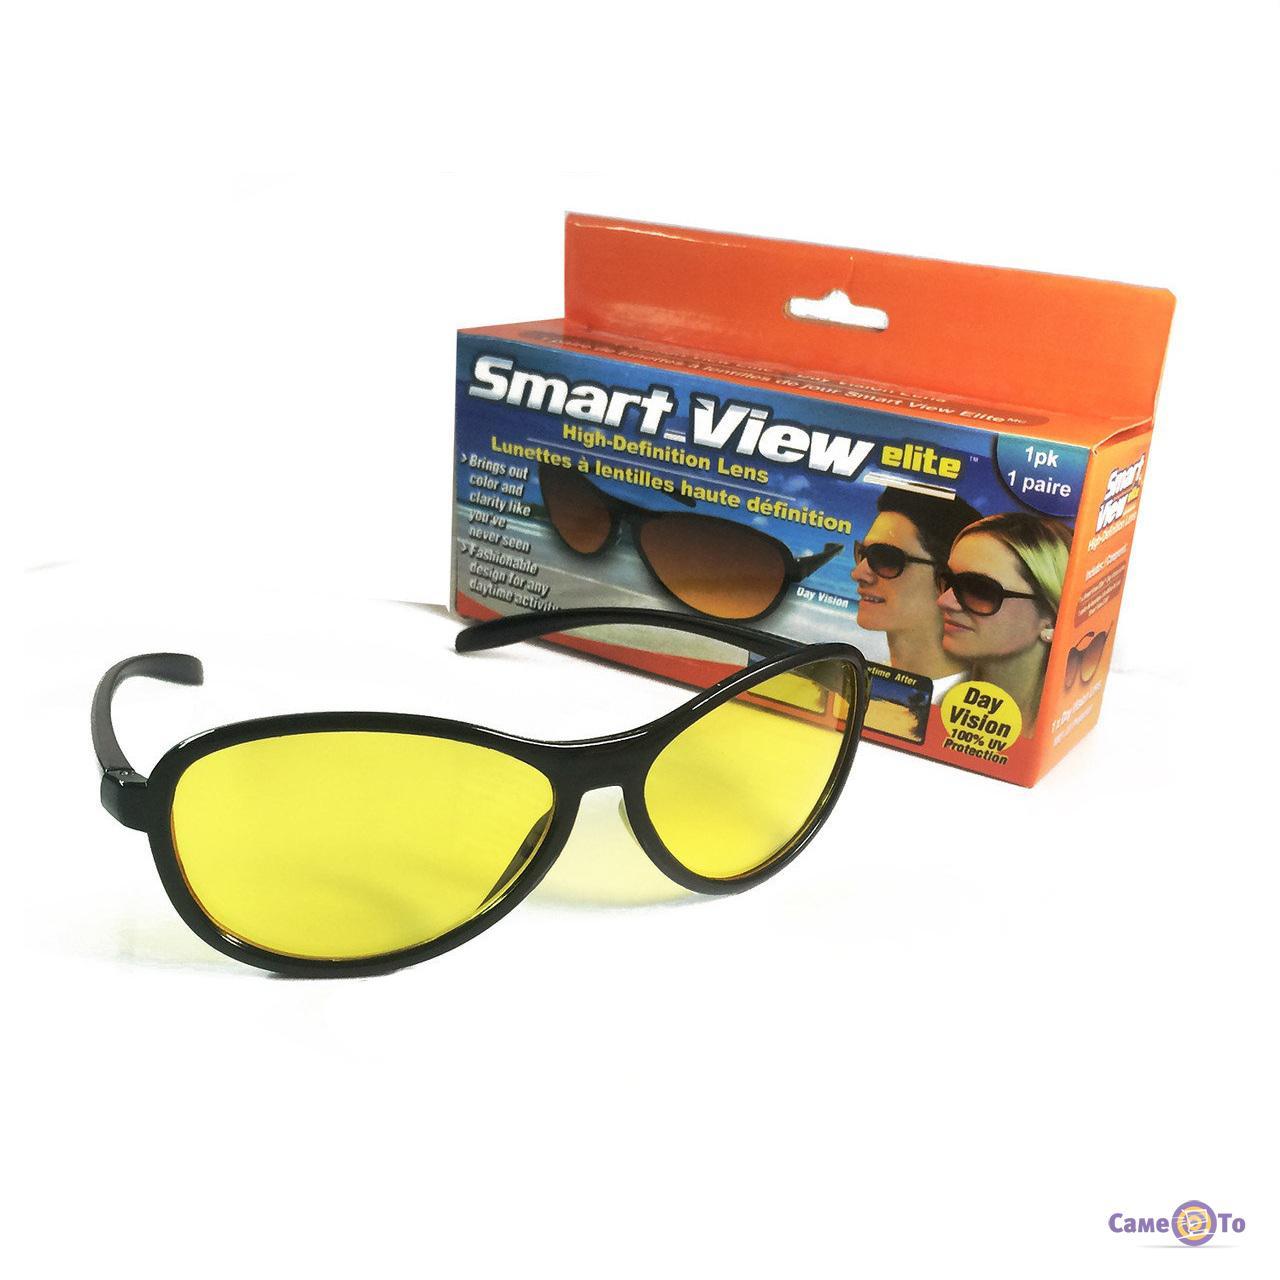 Окуляри антифари для водіїв для нічної їзди Smart View 1 шт. deac8e992ed01